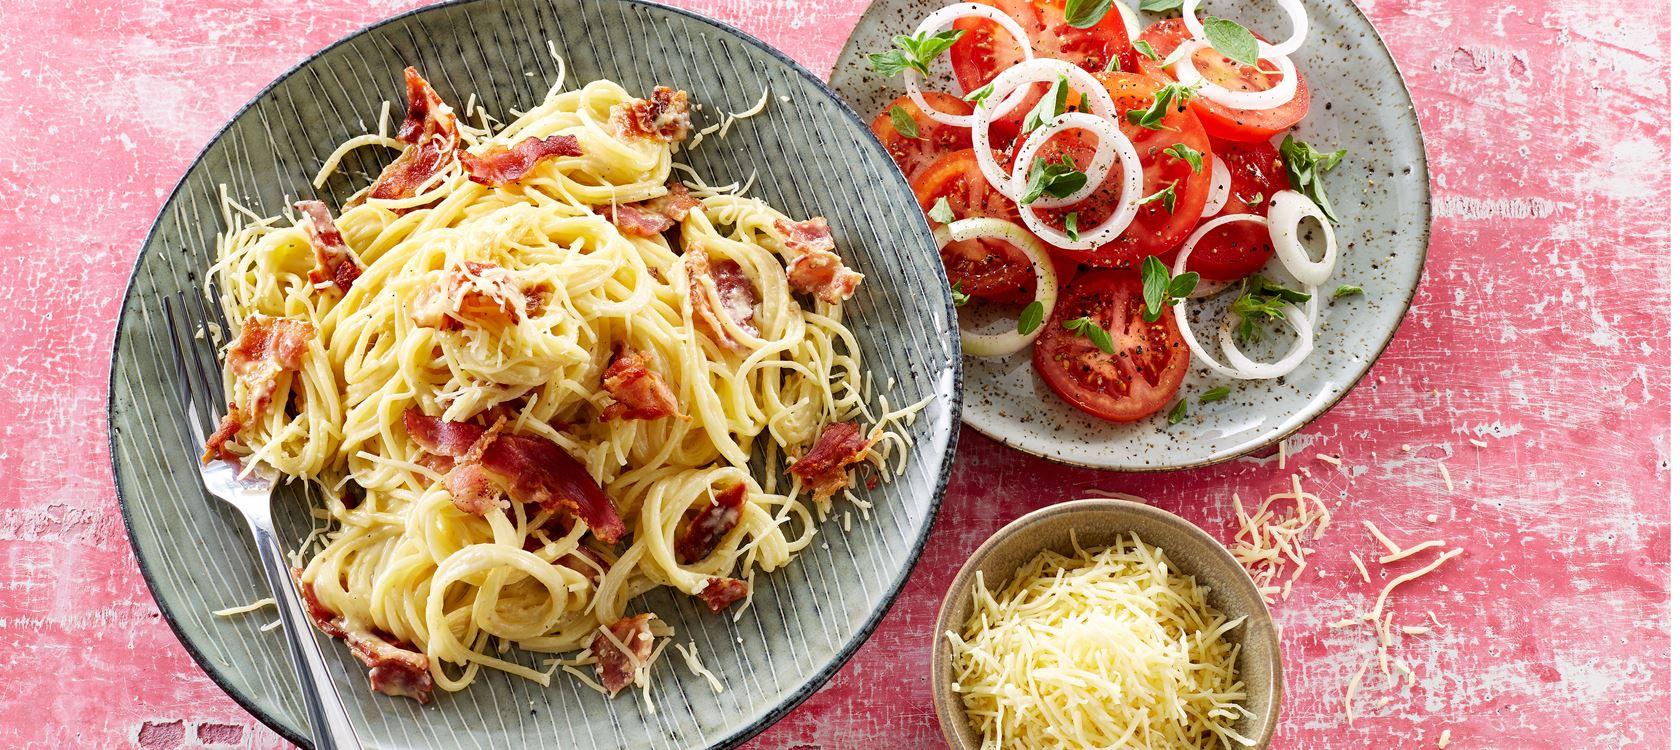 Spaghetti Alla Carbonara Opskrifter Arla